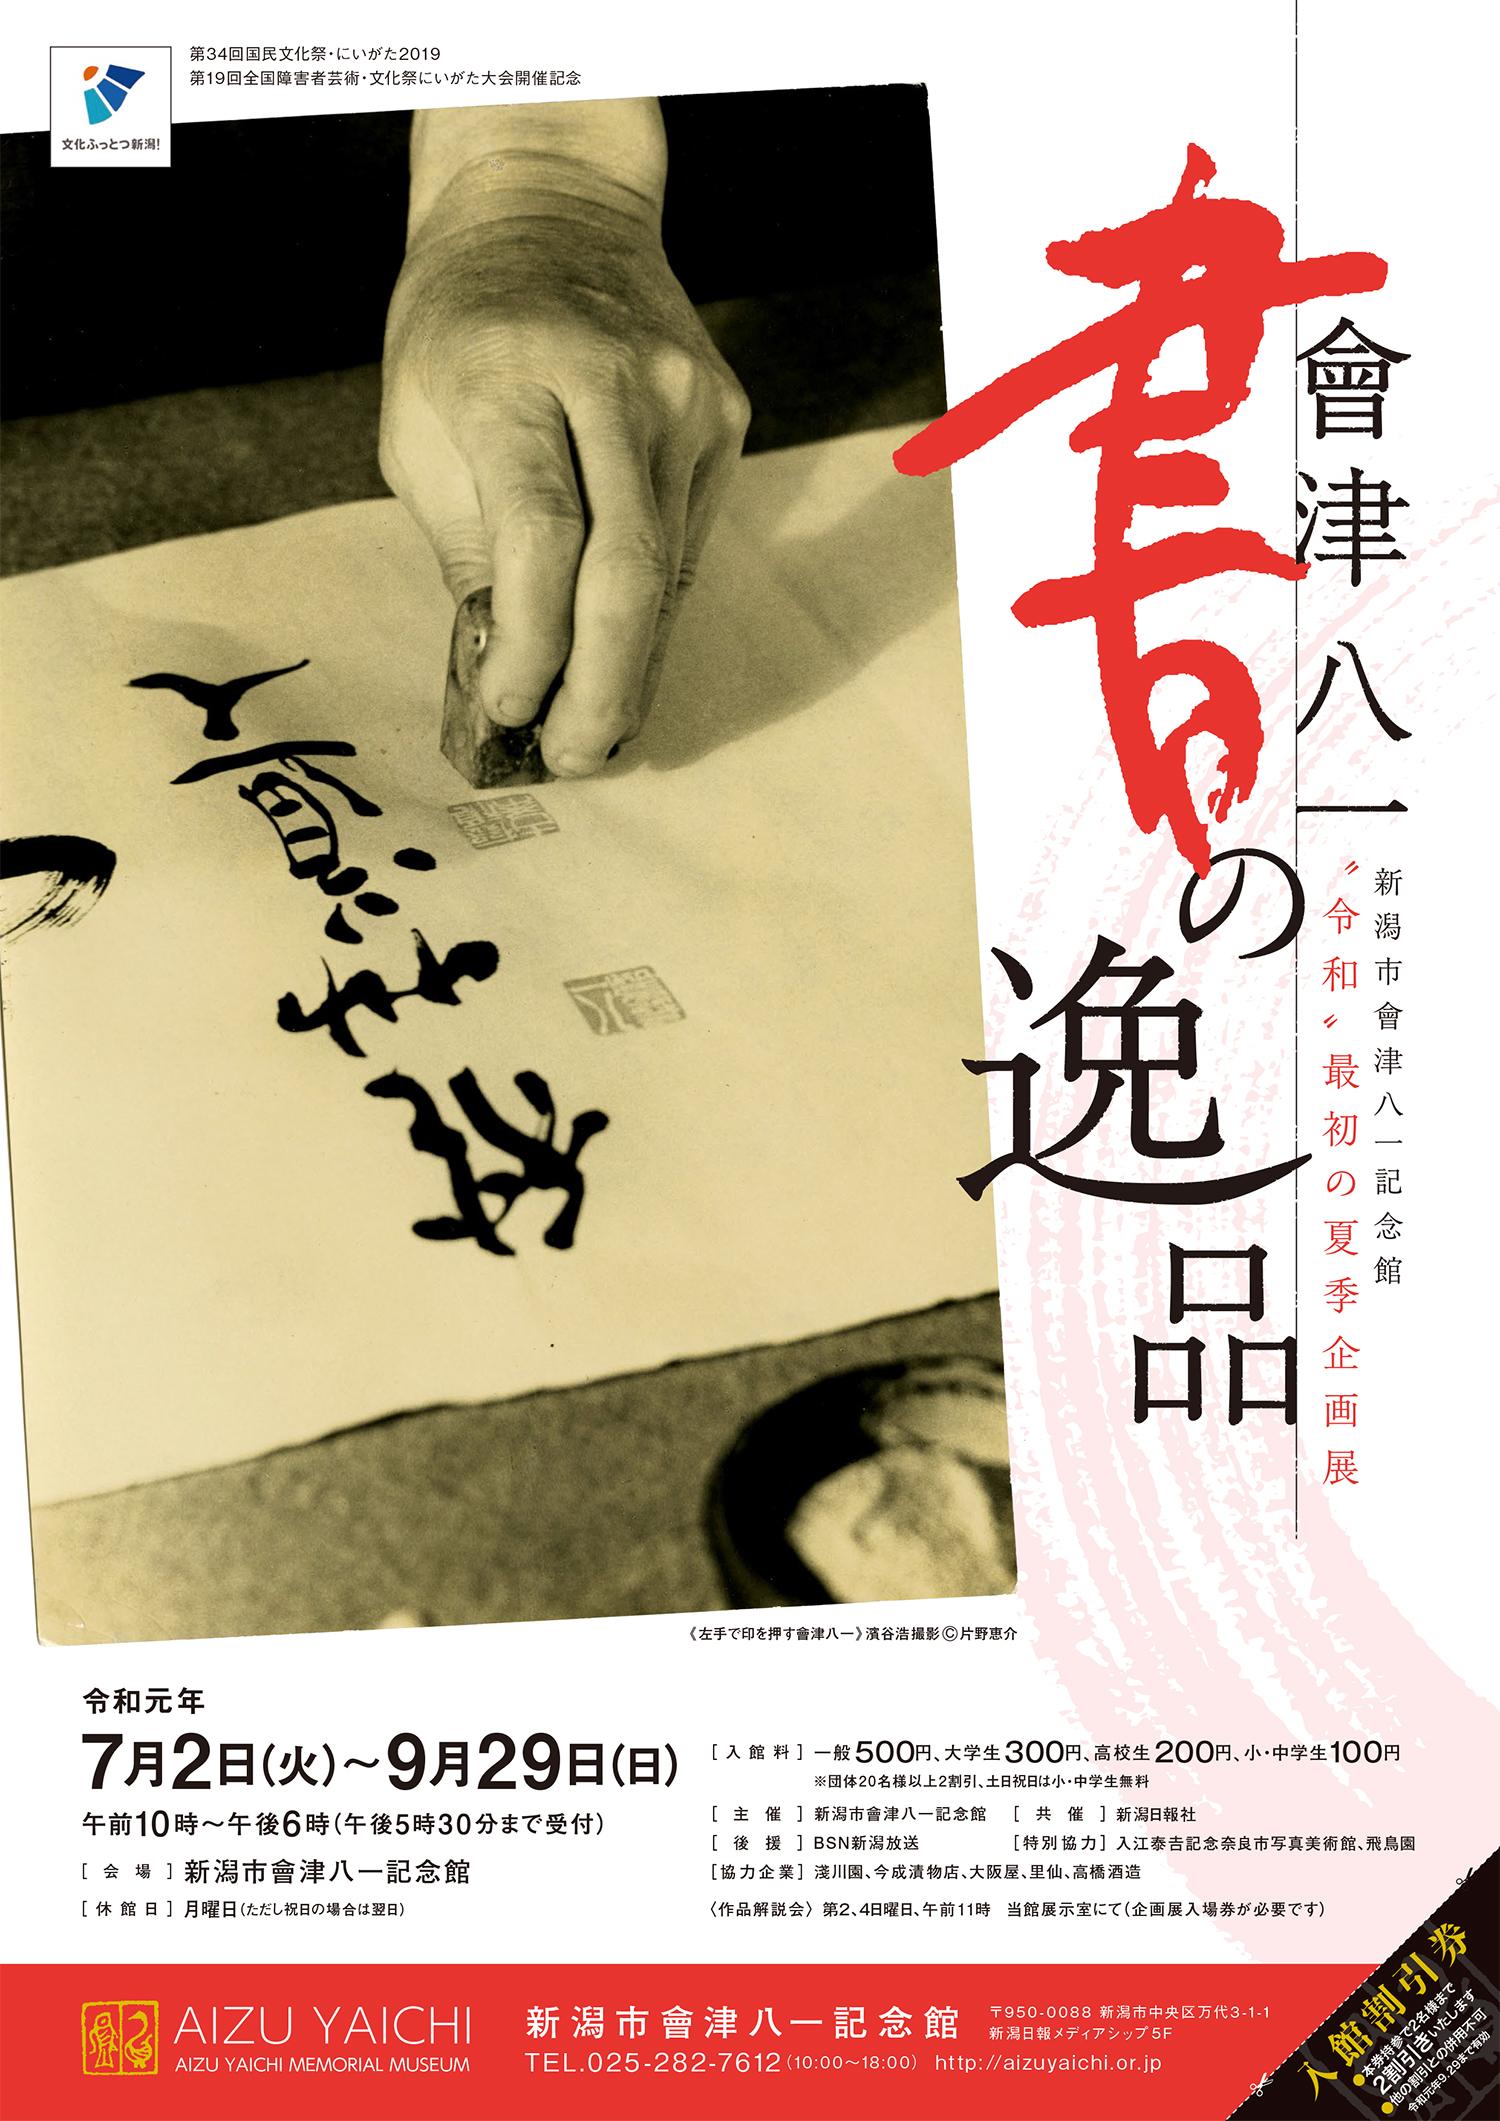 會津八一記念館_2019夏季企画展